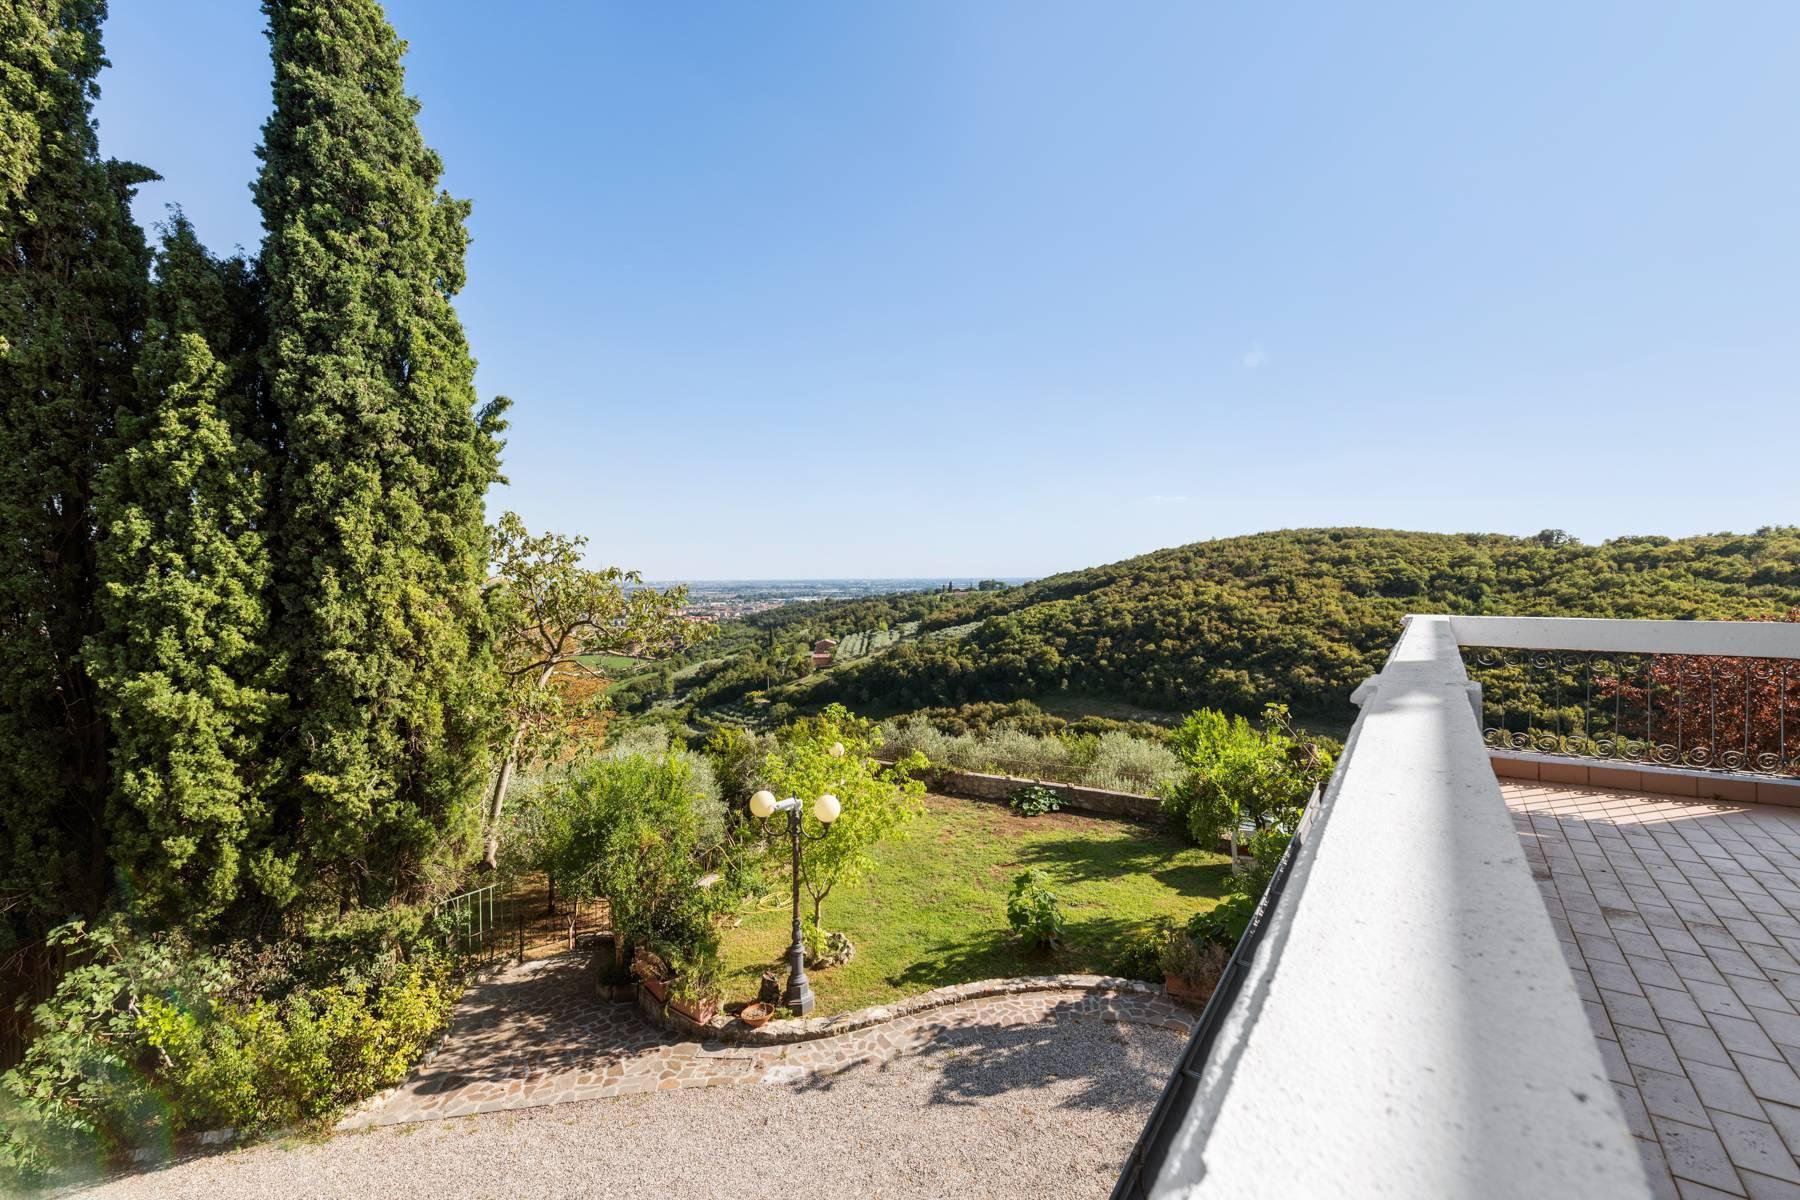 Storica villa di campagna con piscina e campo da tennis con tenuta nelle colline veronesi - 20